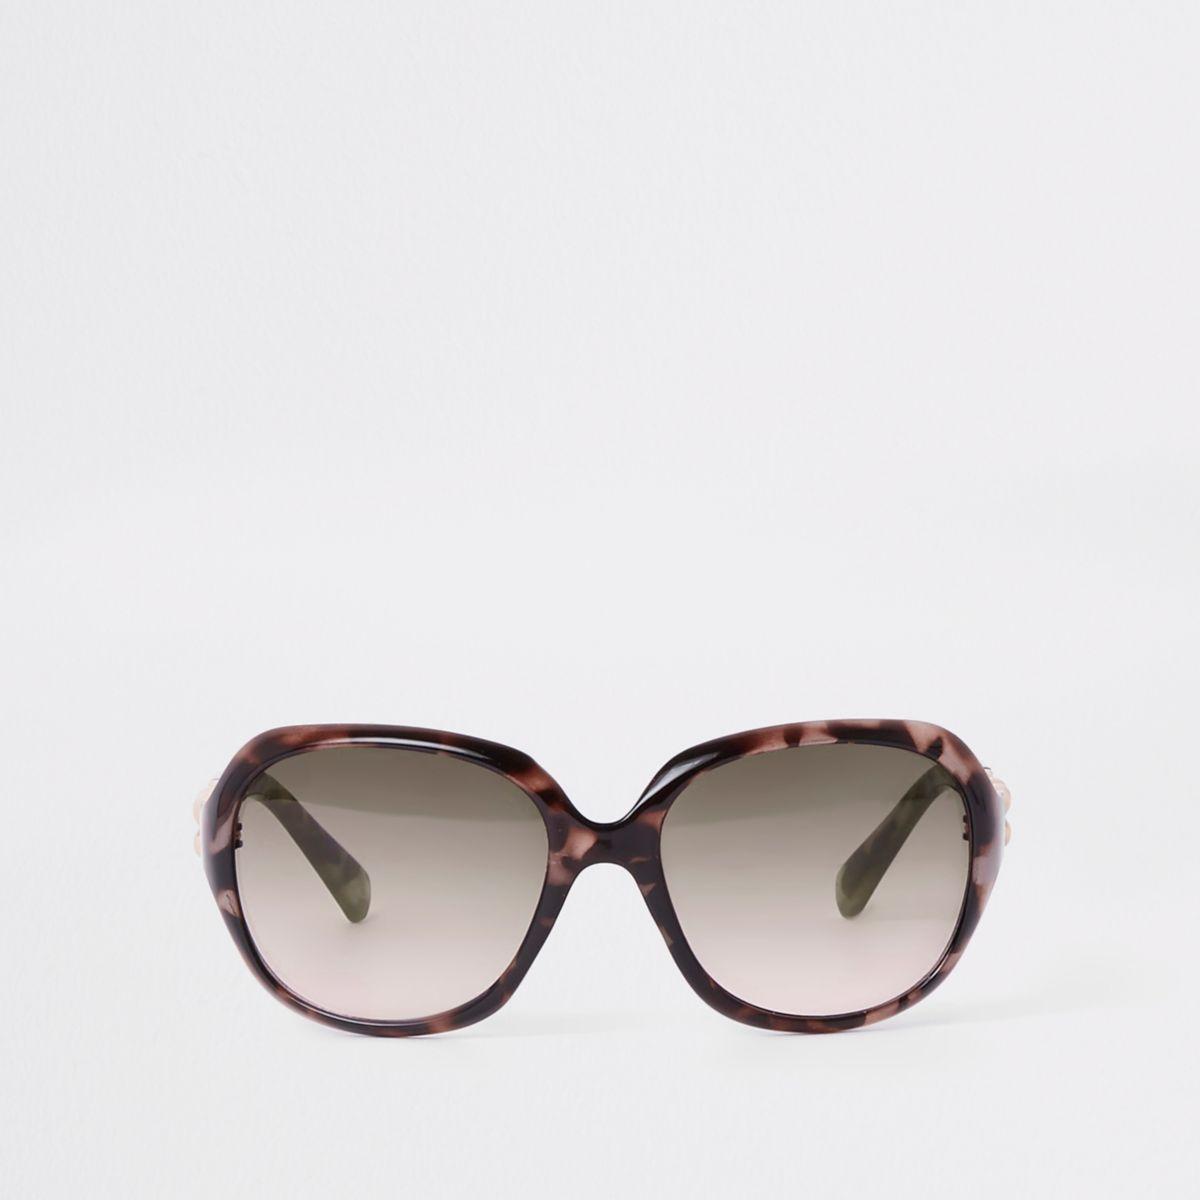 Girls yellow tortoiseshell glam sunglasses